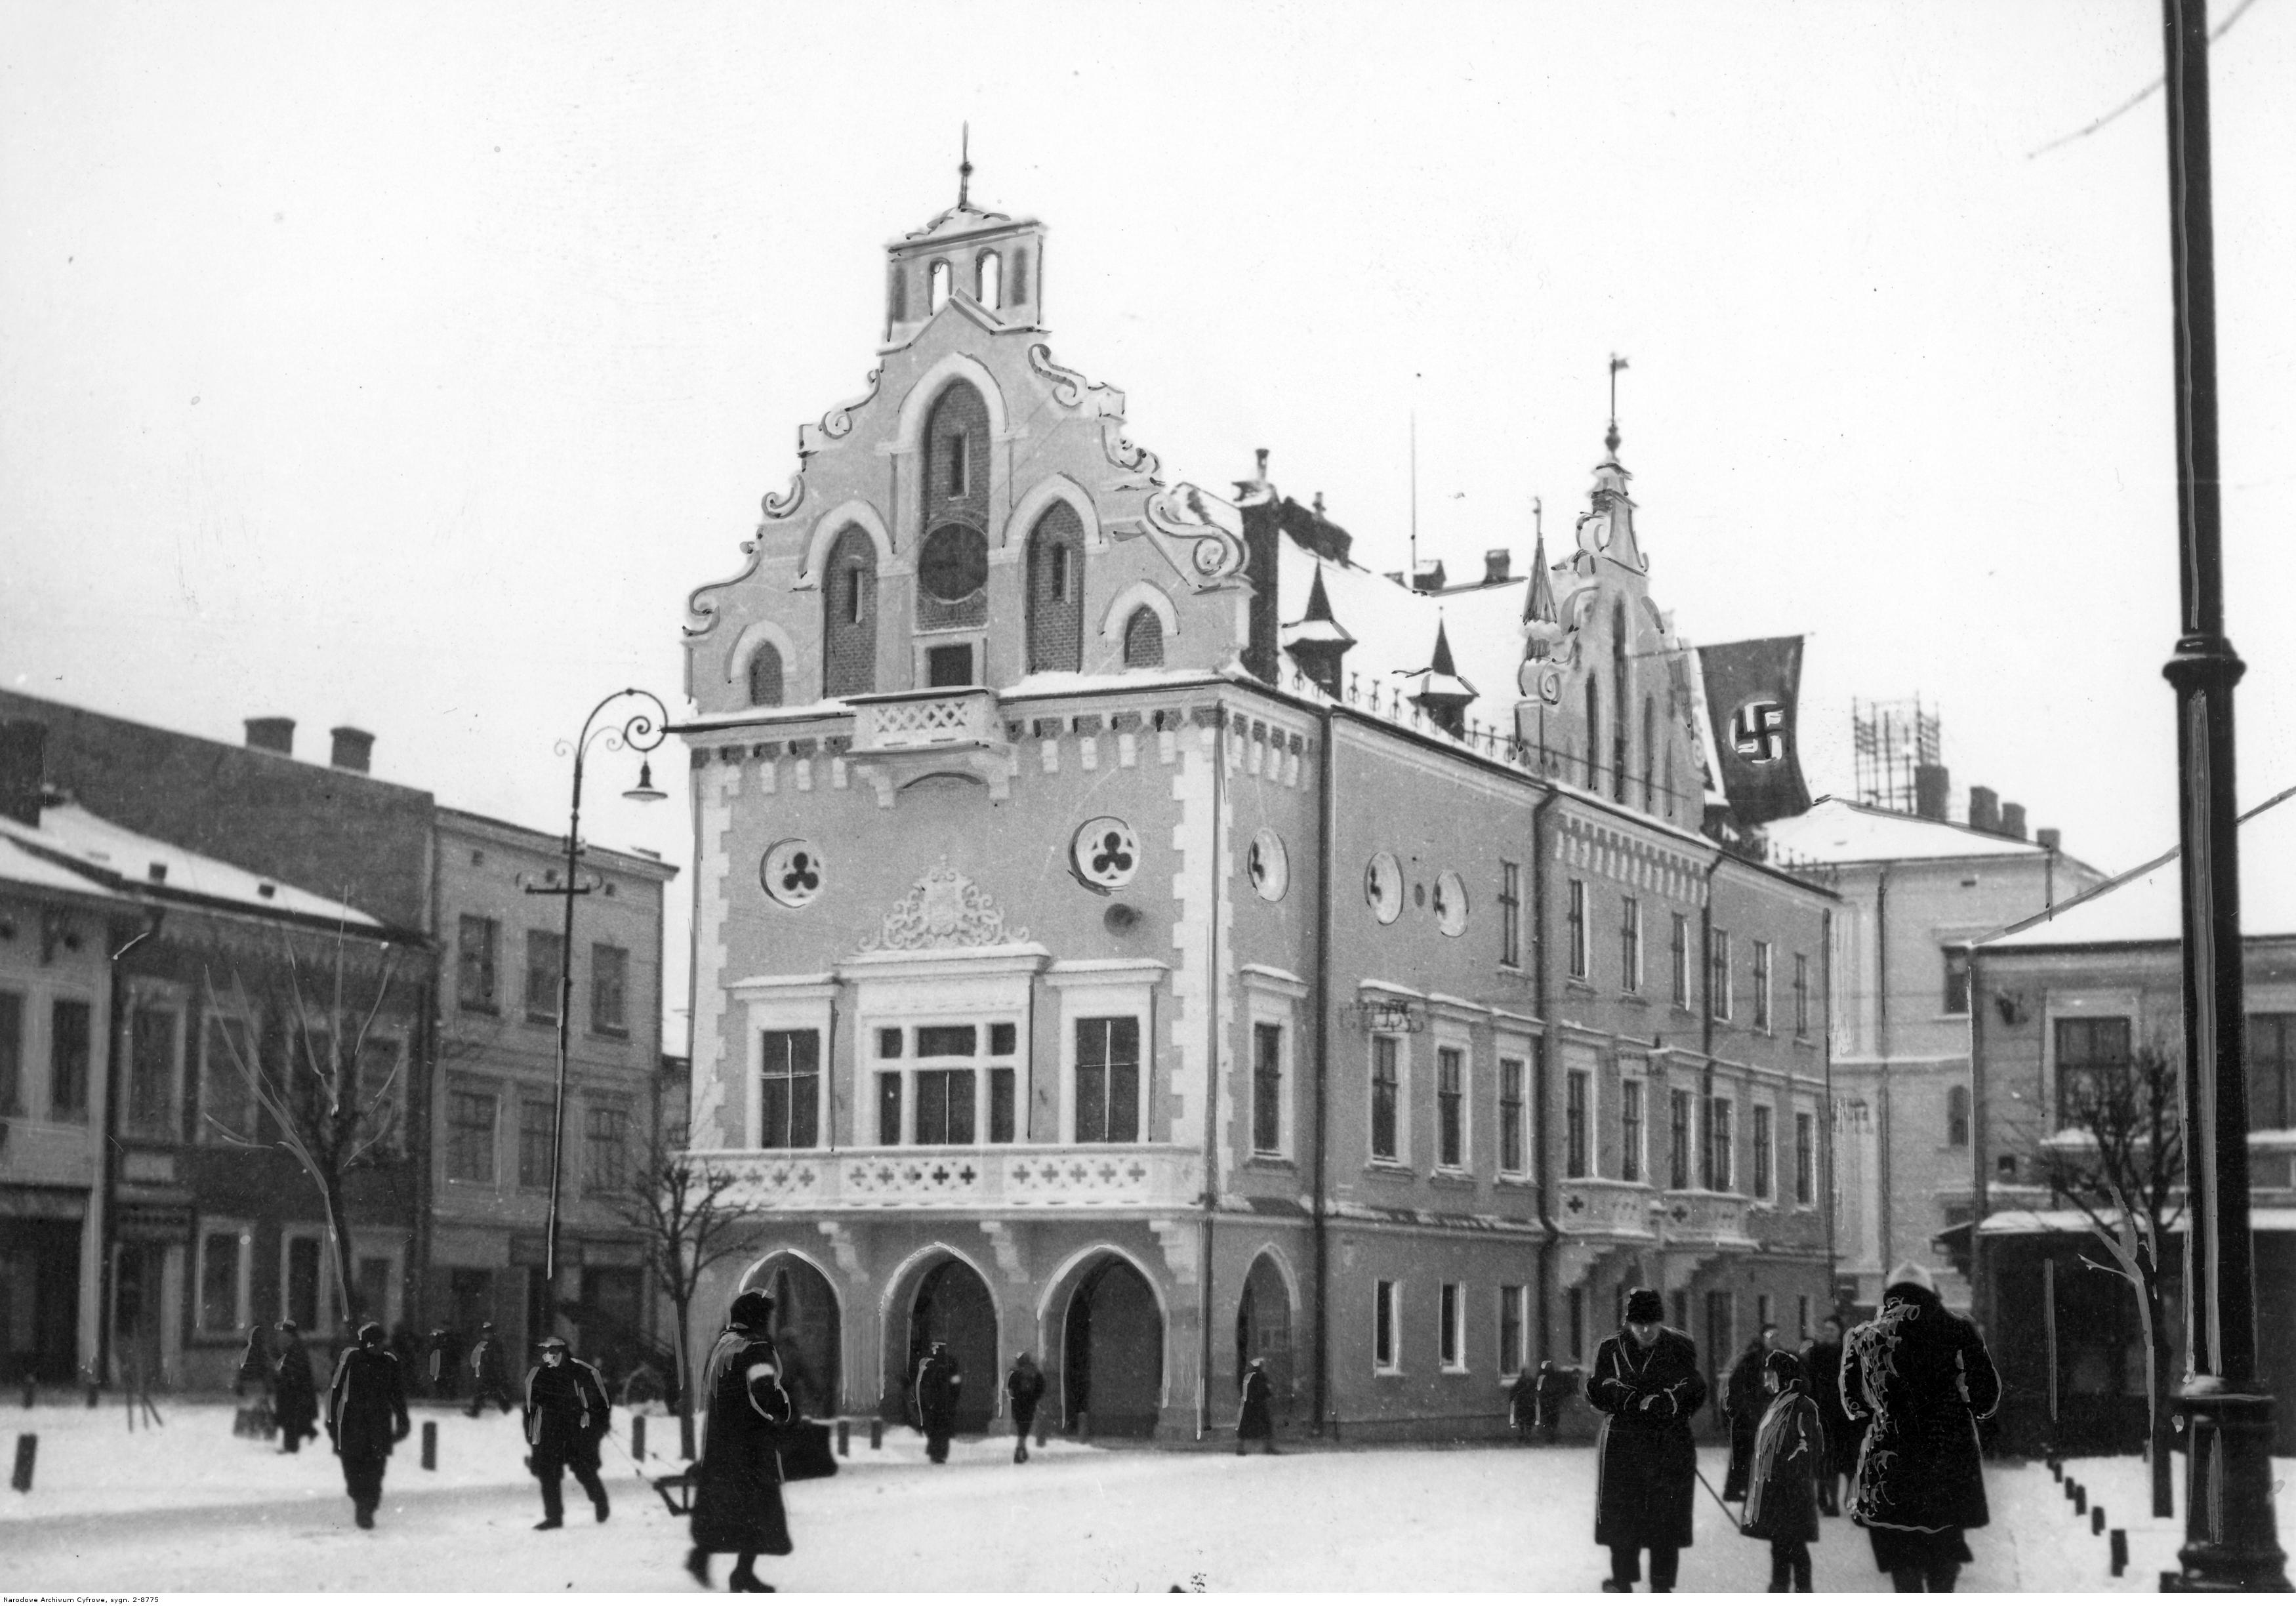 Rathaus, Gesamtansicht im Winter, 1941-02